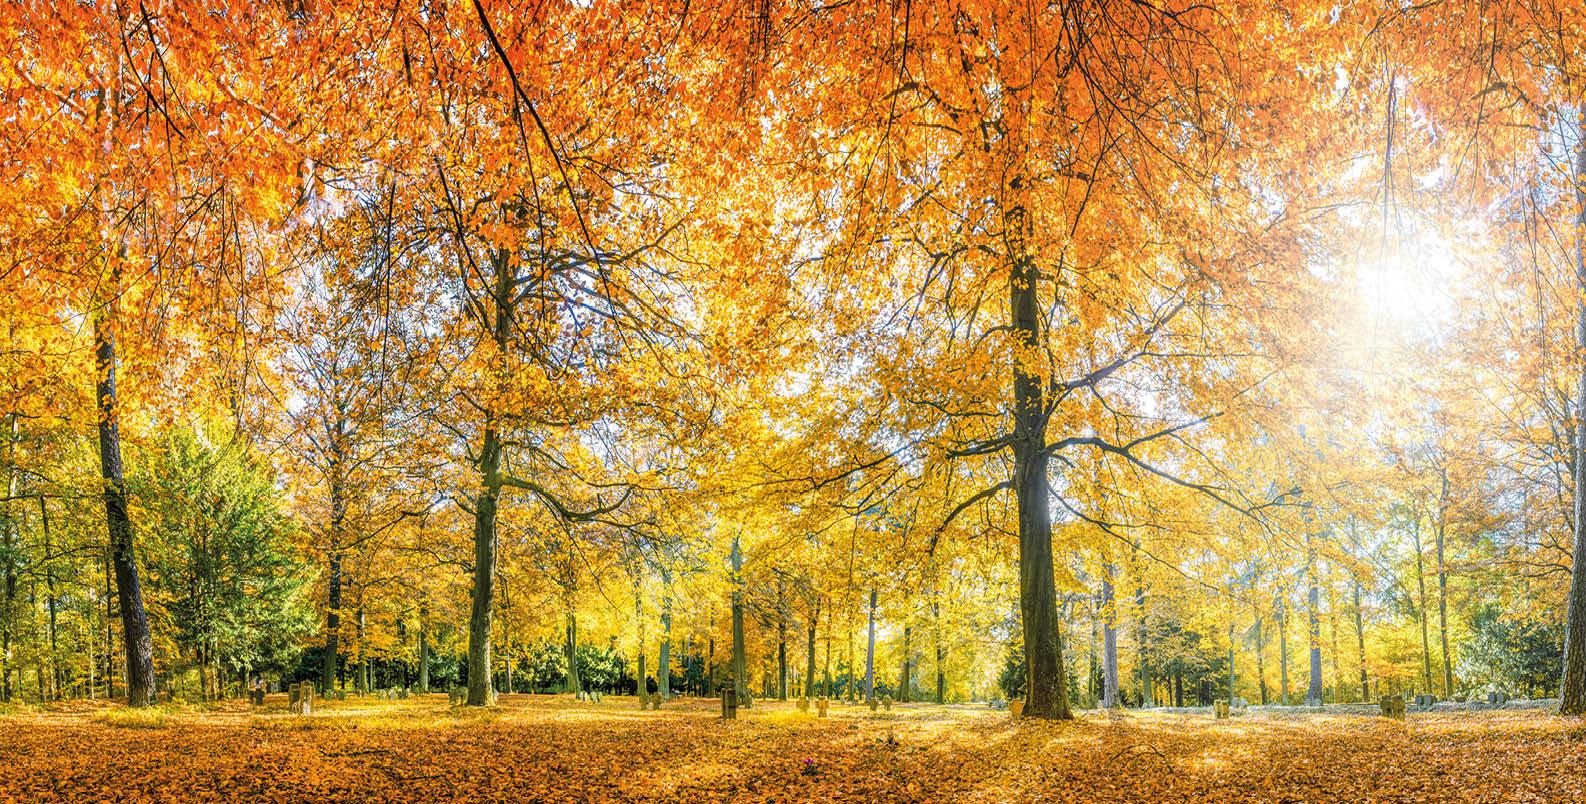 wunderschöner Mischwald mit Herbstverfärbung und durchbrechender Sonne. Das Bild erzeigt ein gutes Gefühl.